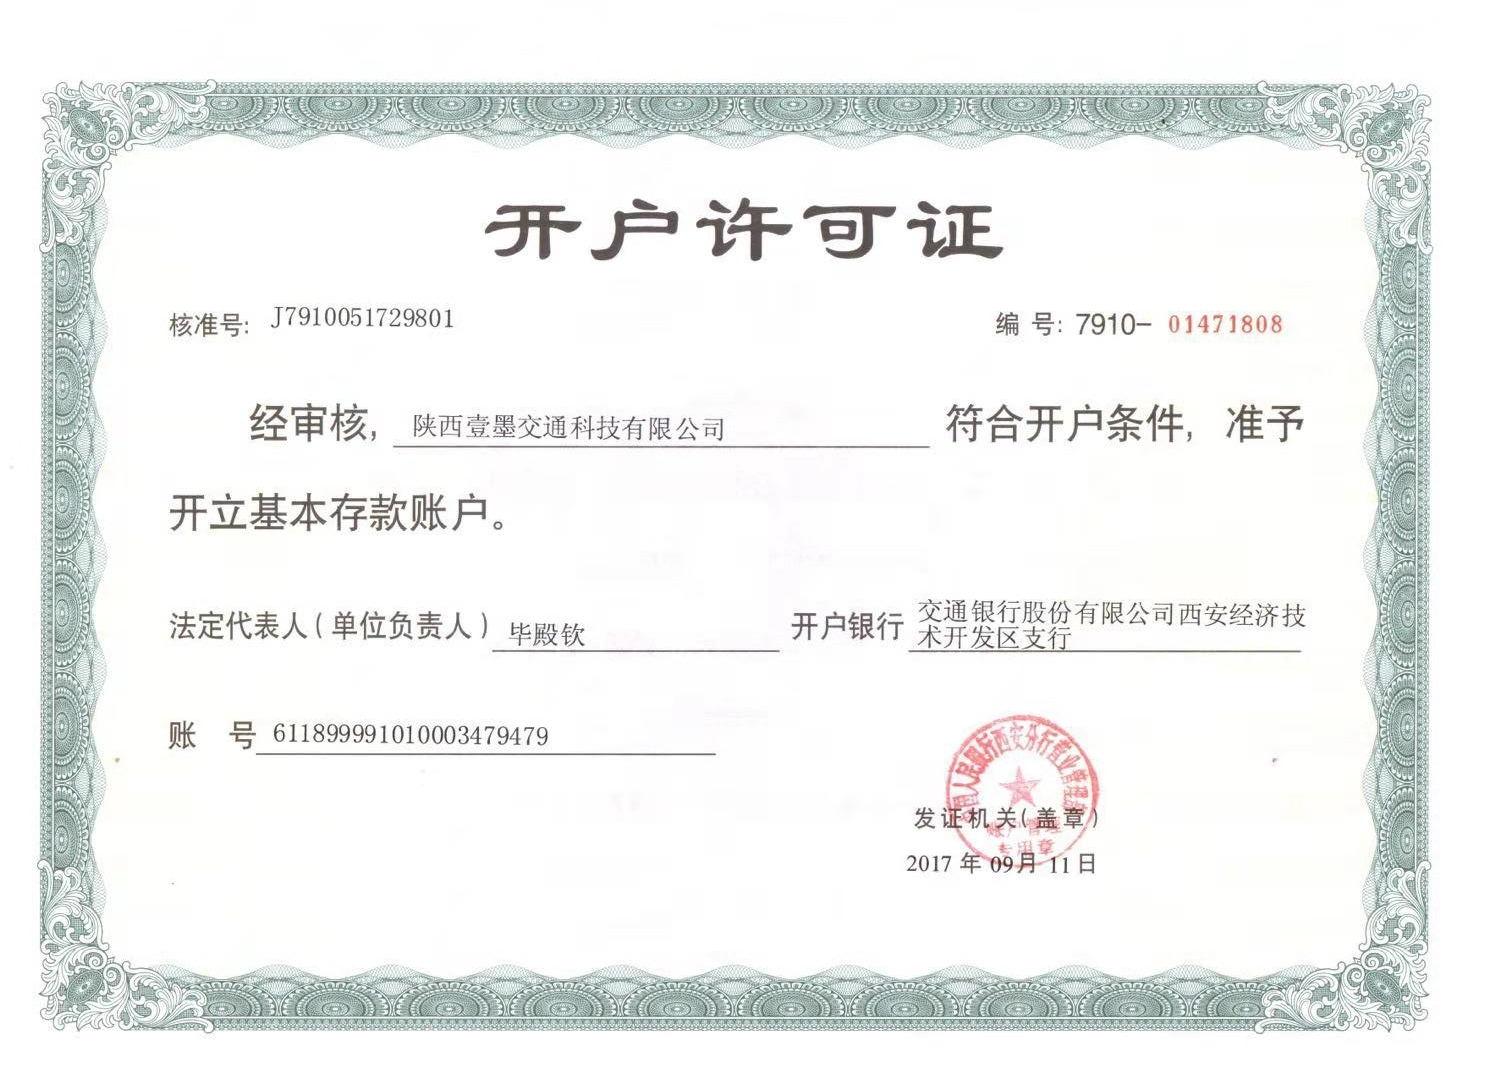 陕西壹墨交通科技有限公司开户许可证